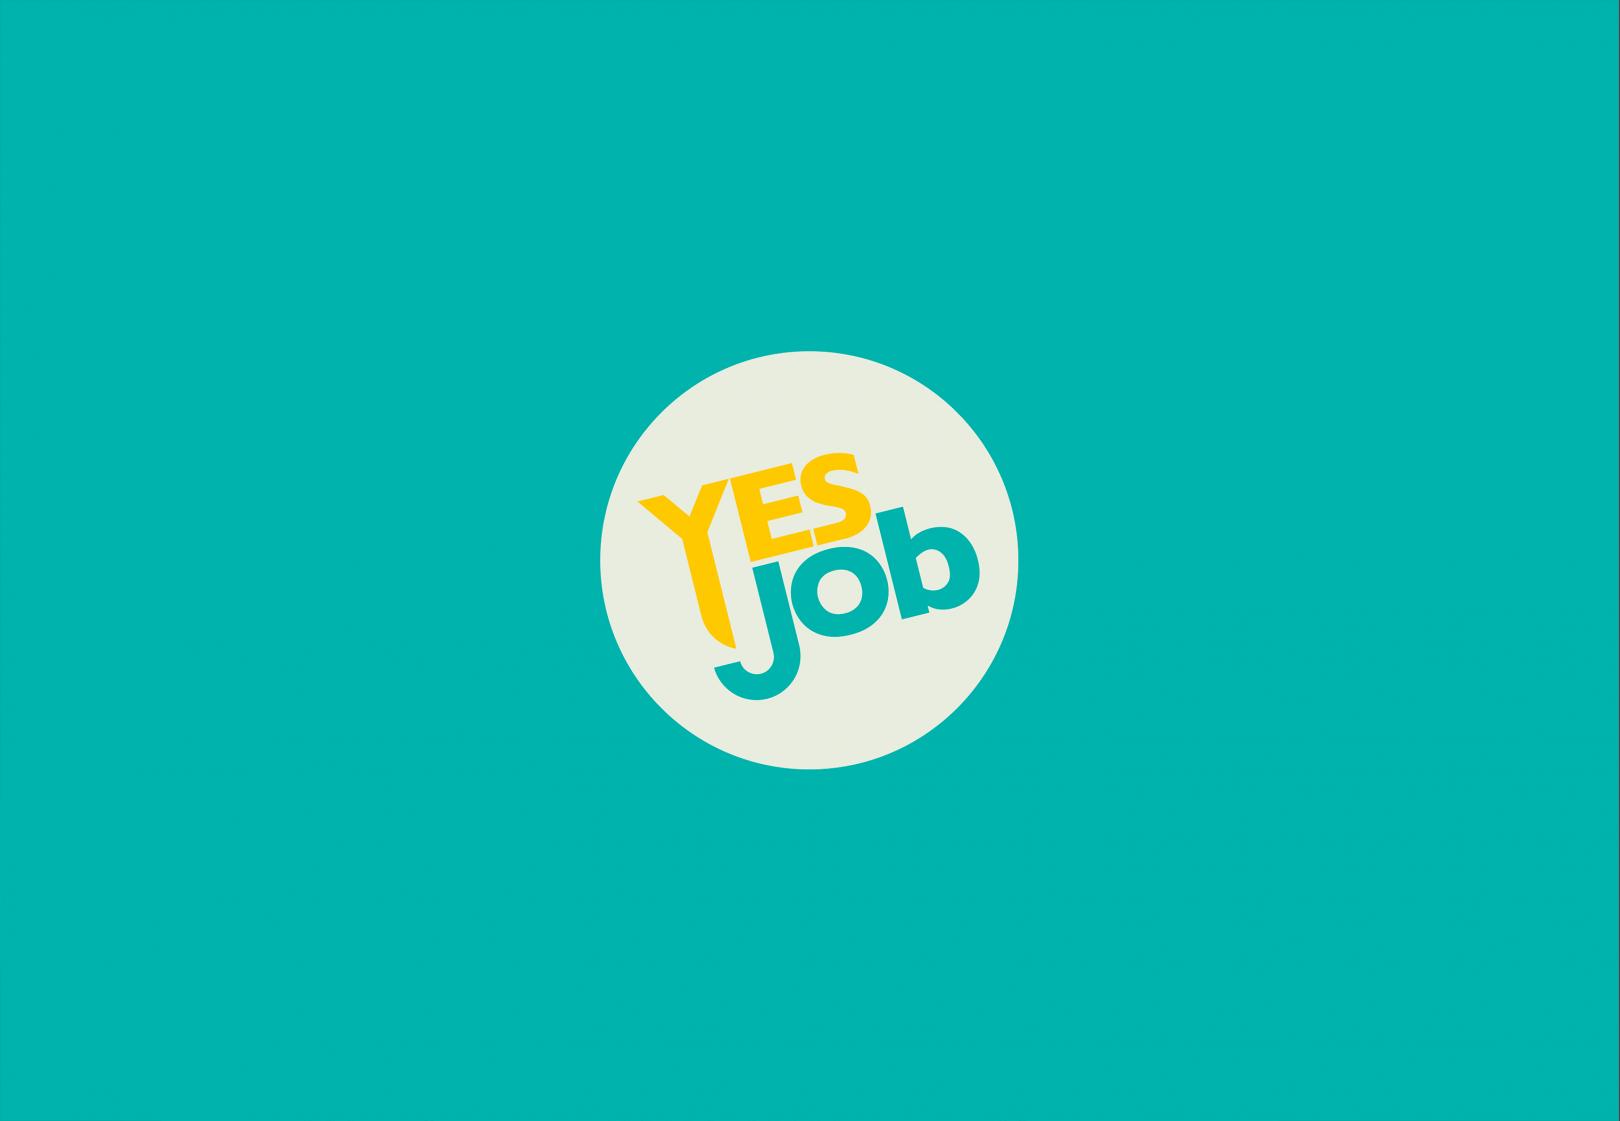 Yes Job